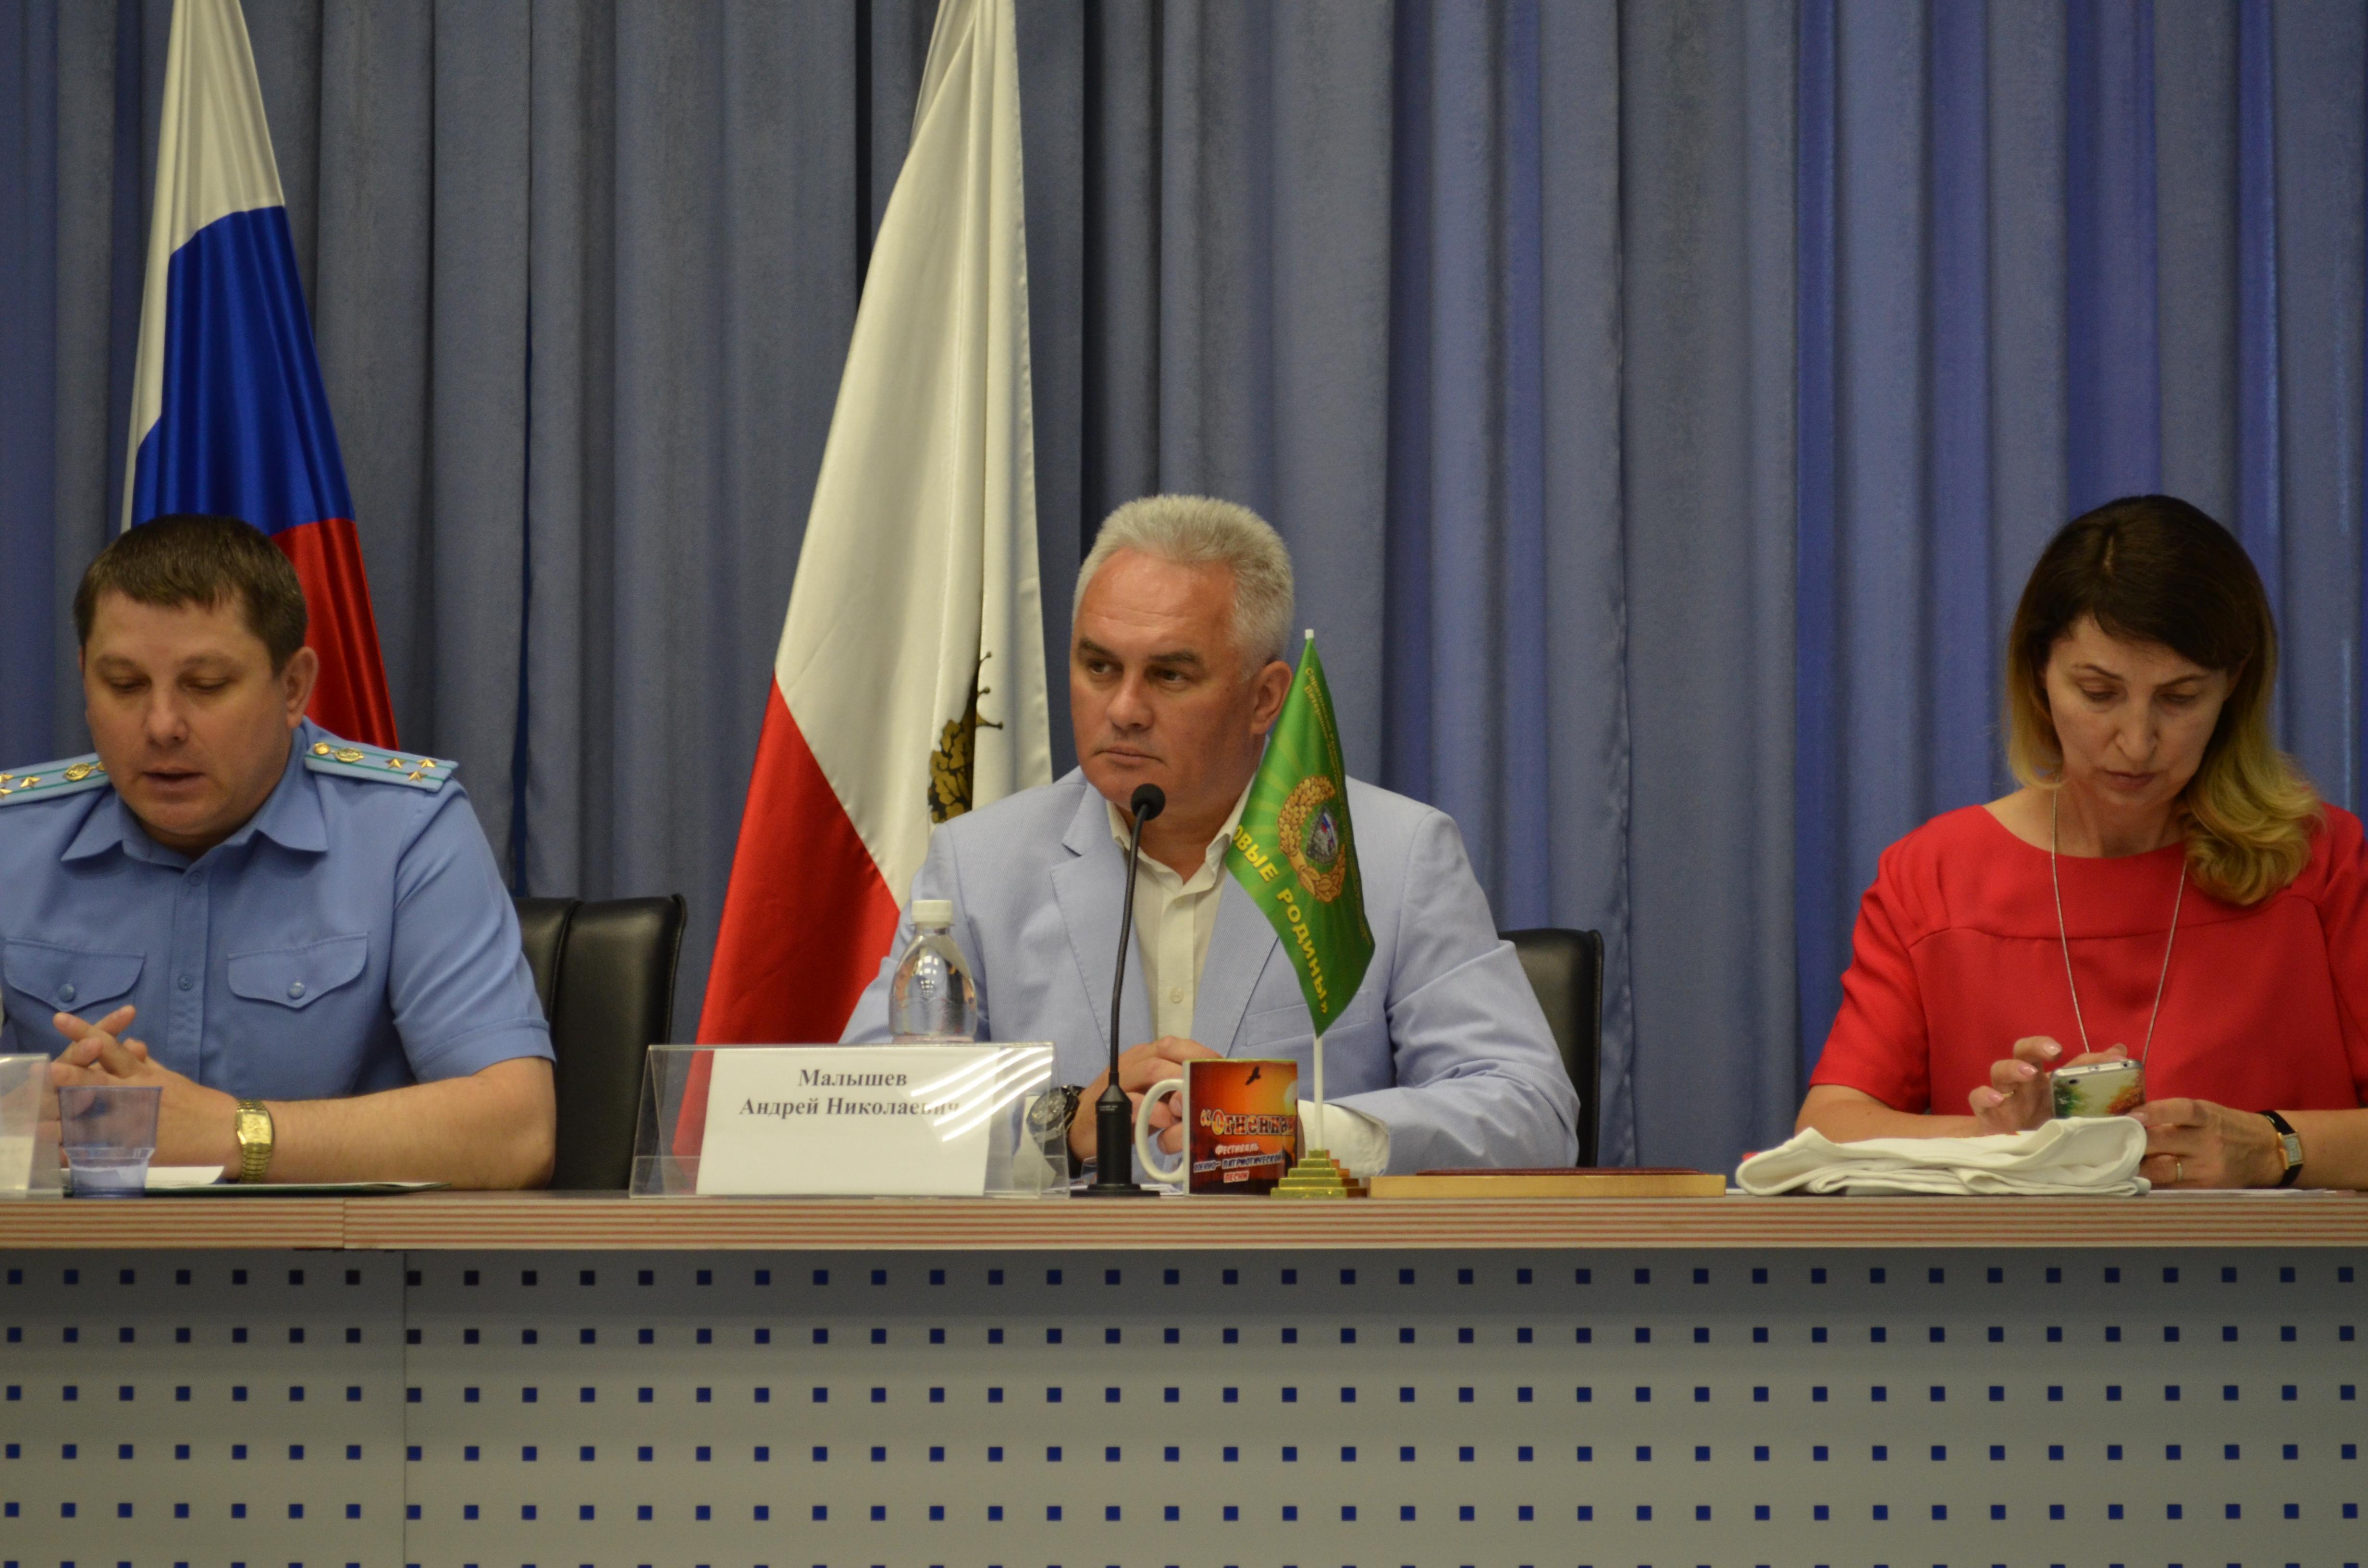 Пресс-конференция о фестивале «Огненная застава»